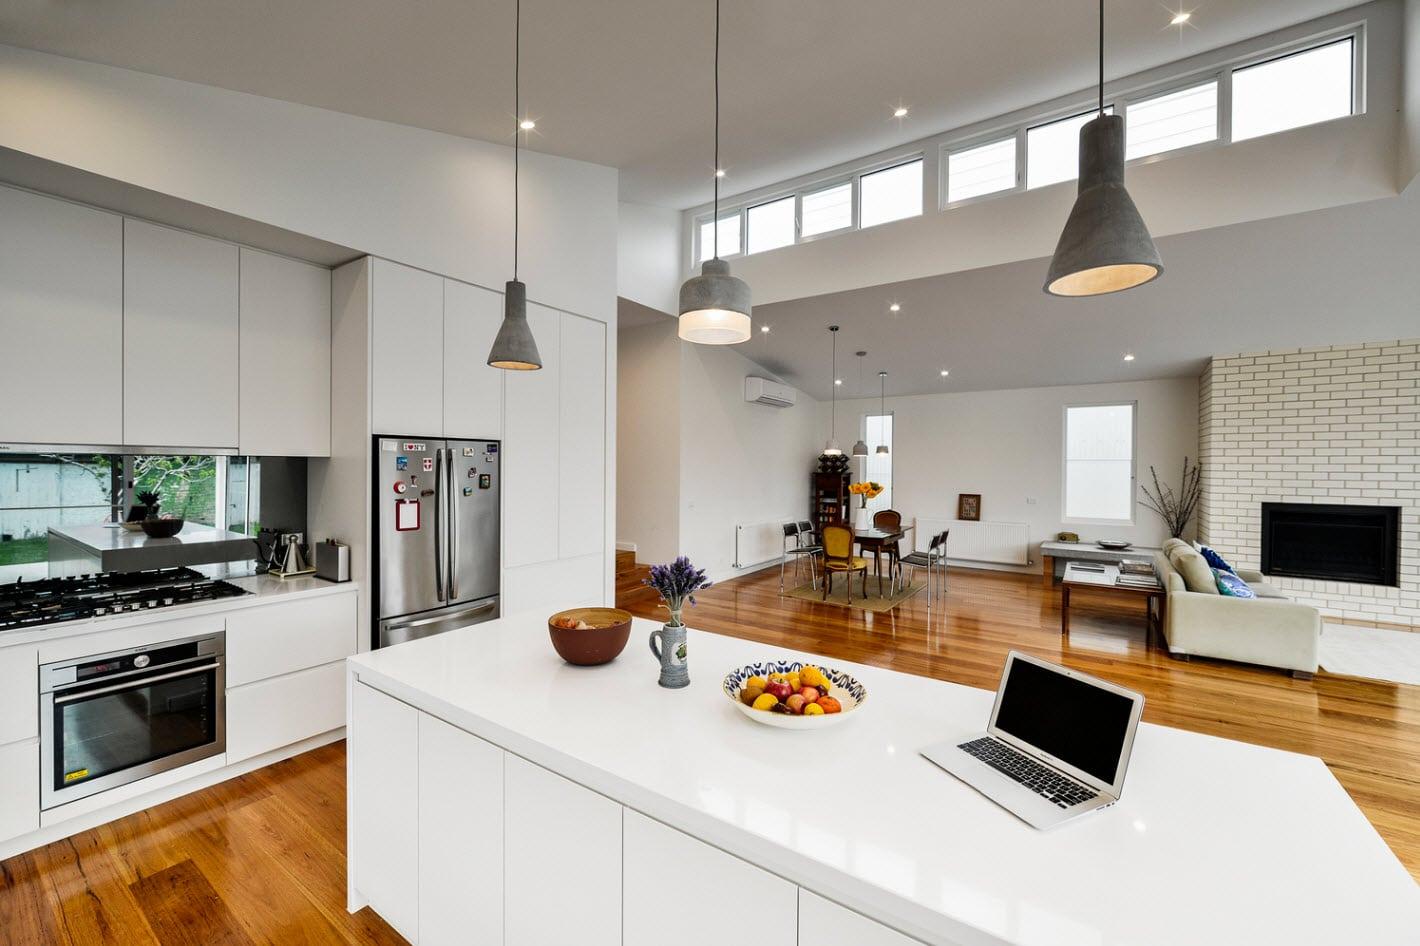 Dise o de casa moderna de un piso planos y fachadas for Donde se estudia diseno de interiores